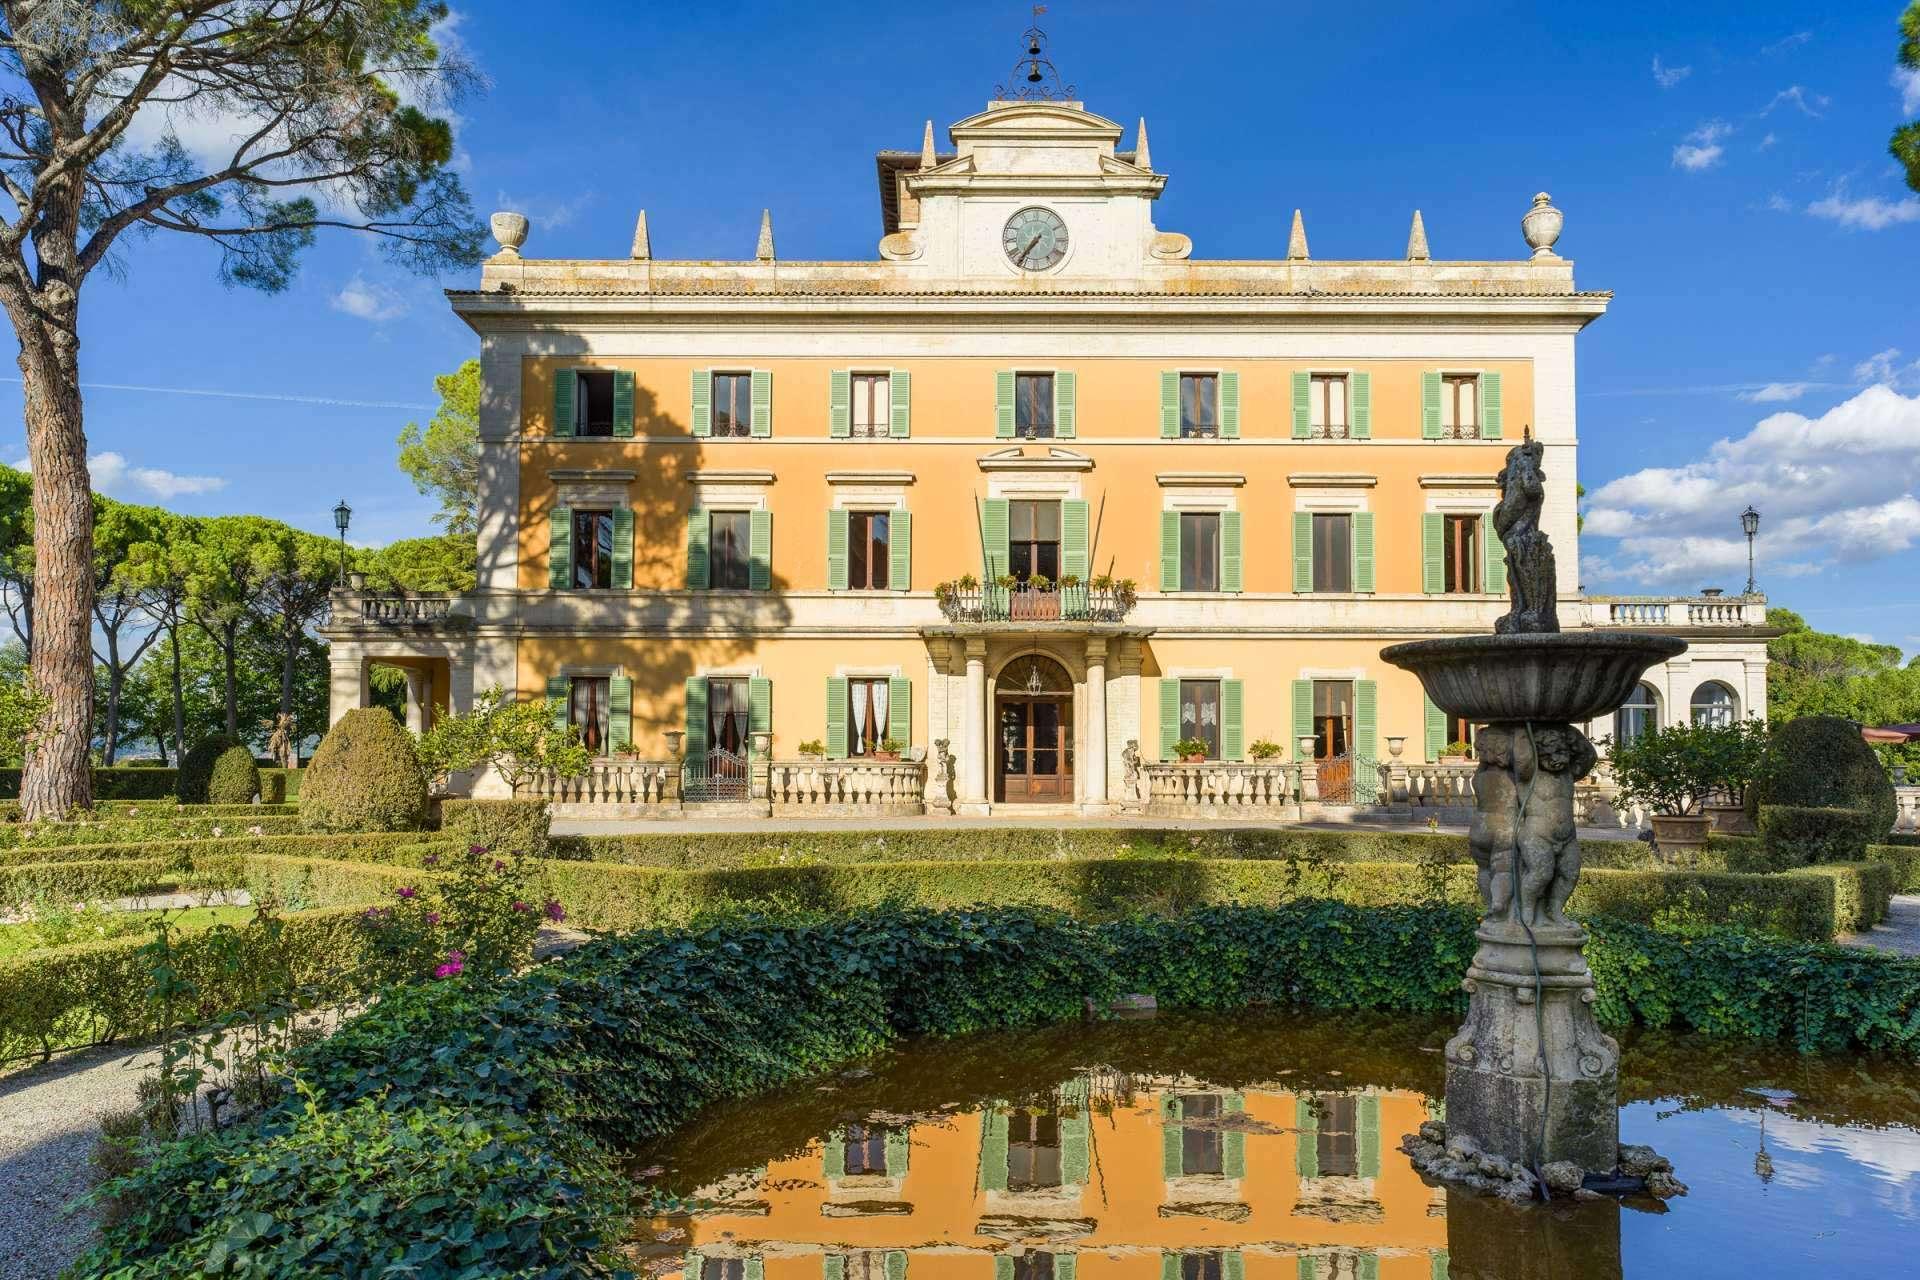 Luxury Villas in Italy: 5 Secret Escapes